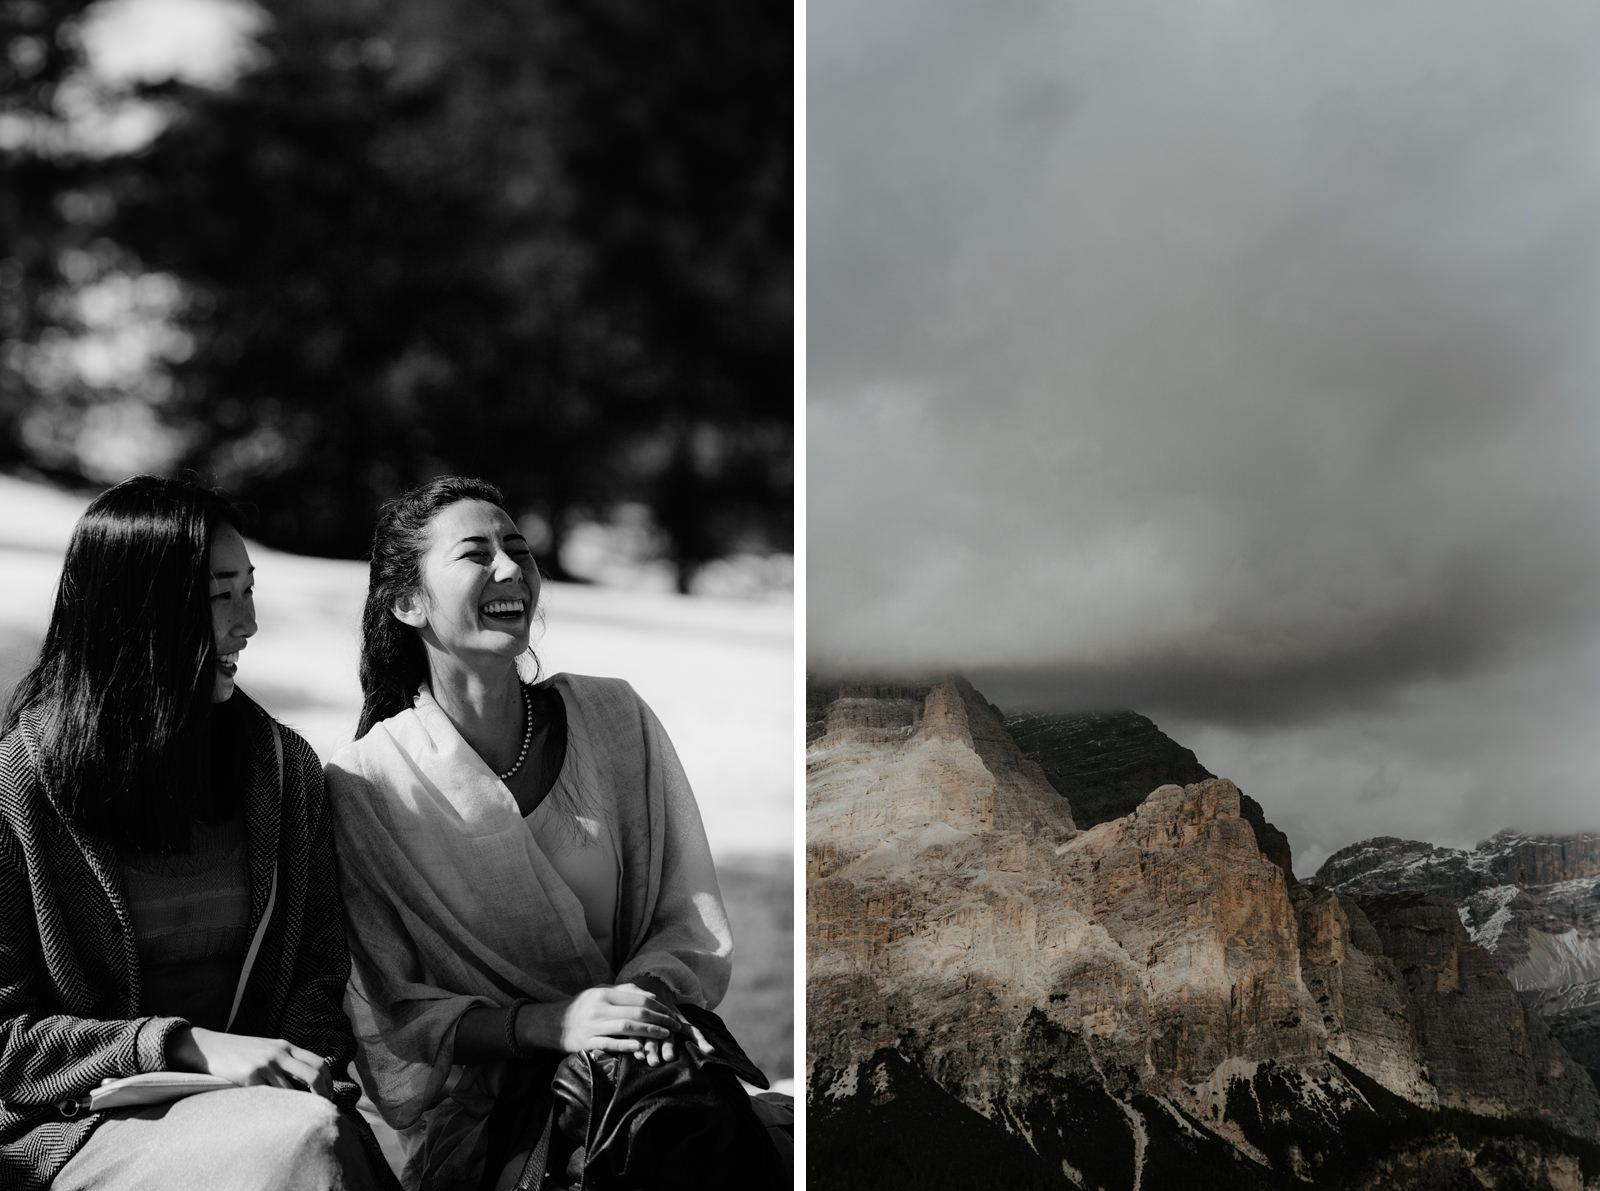 wedding ceremony in the Alps